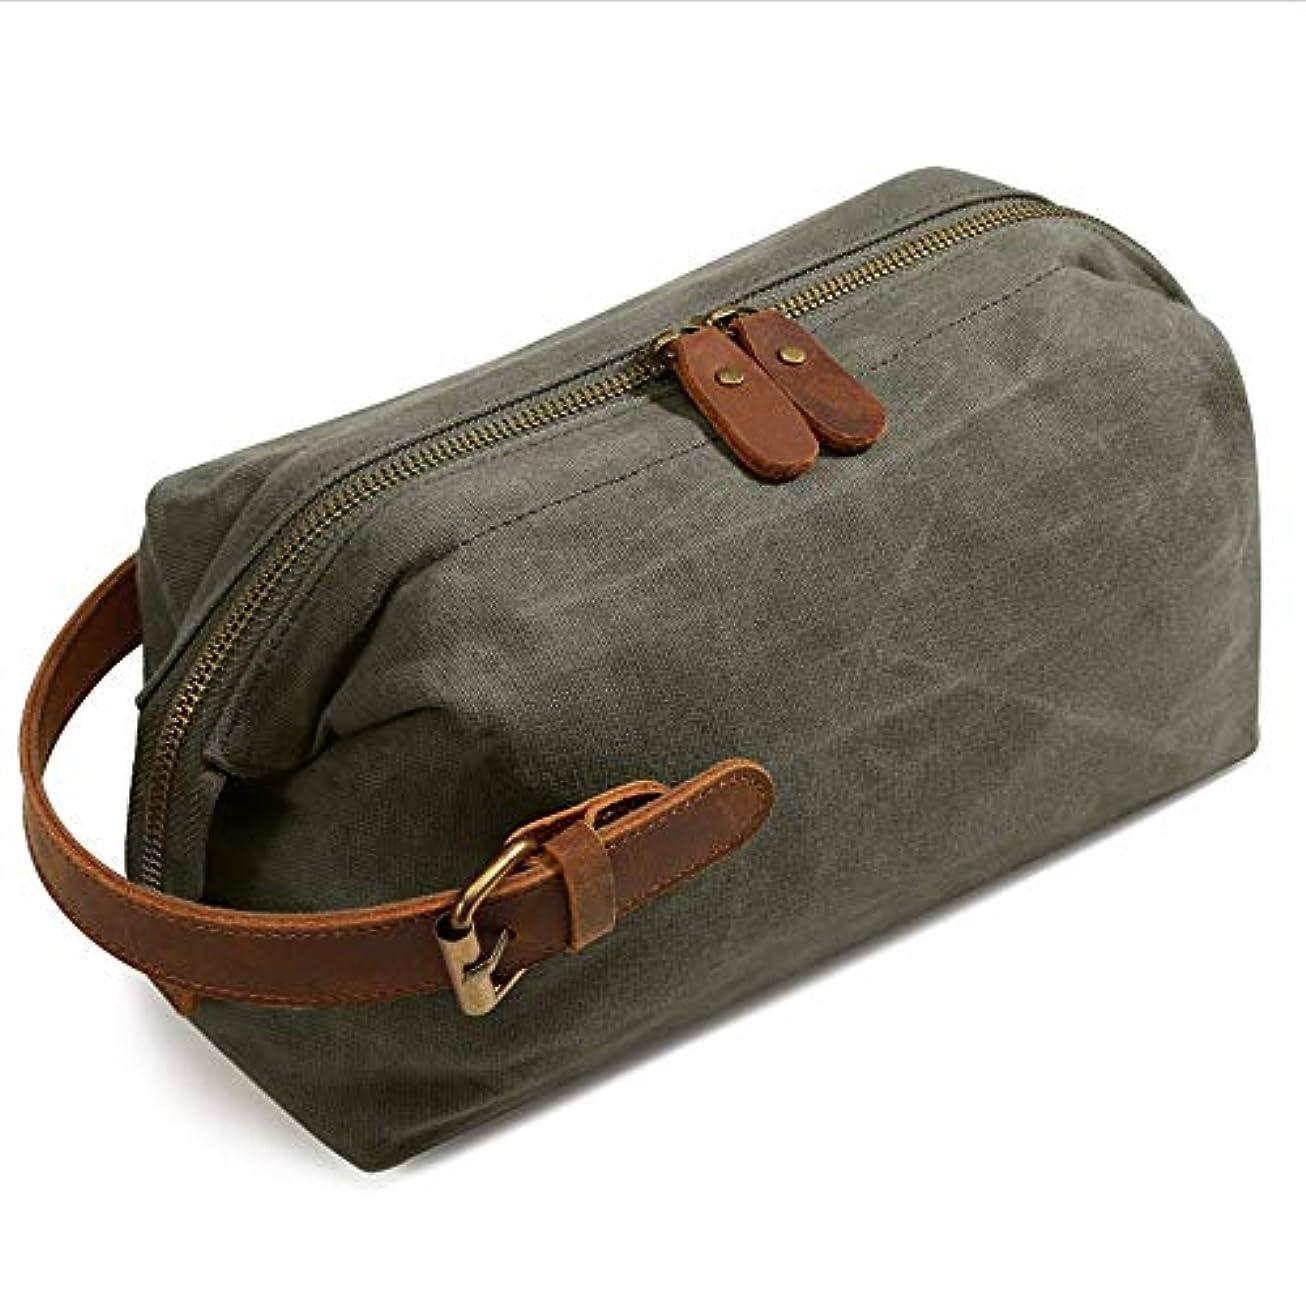 声を出してマニュアルホット化粧オーガナイザーバッグ ポータブル防水化粧品袋トップジッパーメークアップケーストラベルグリーン 化粧品ケース (色 : 緑)